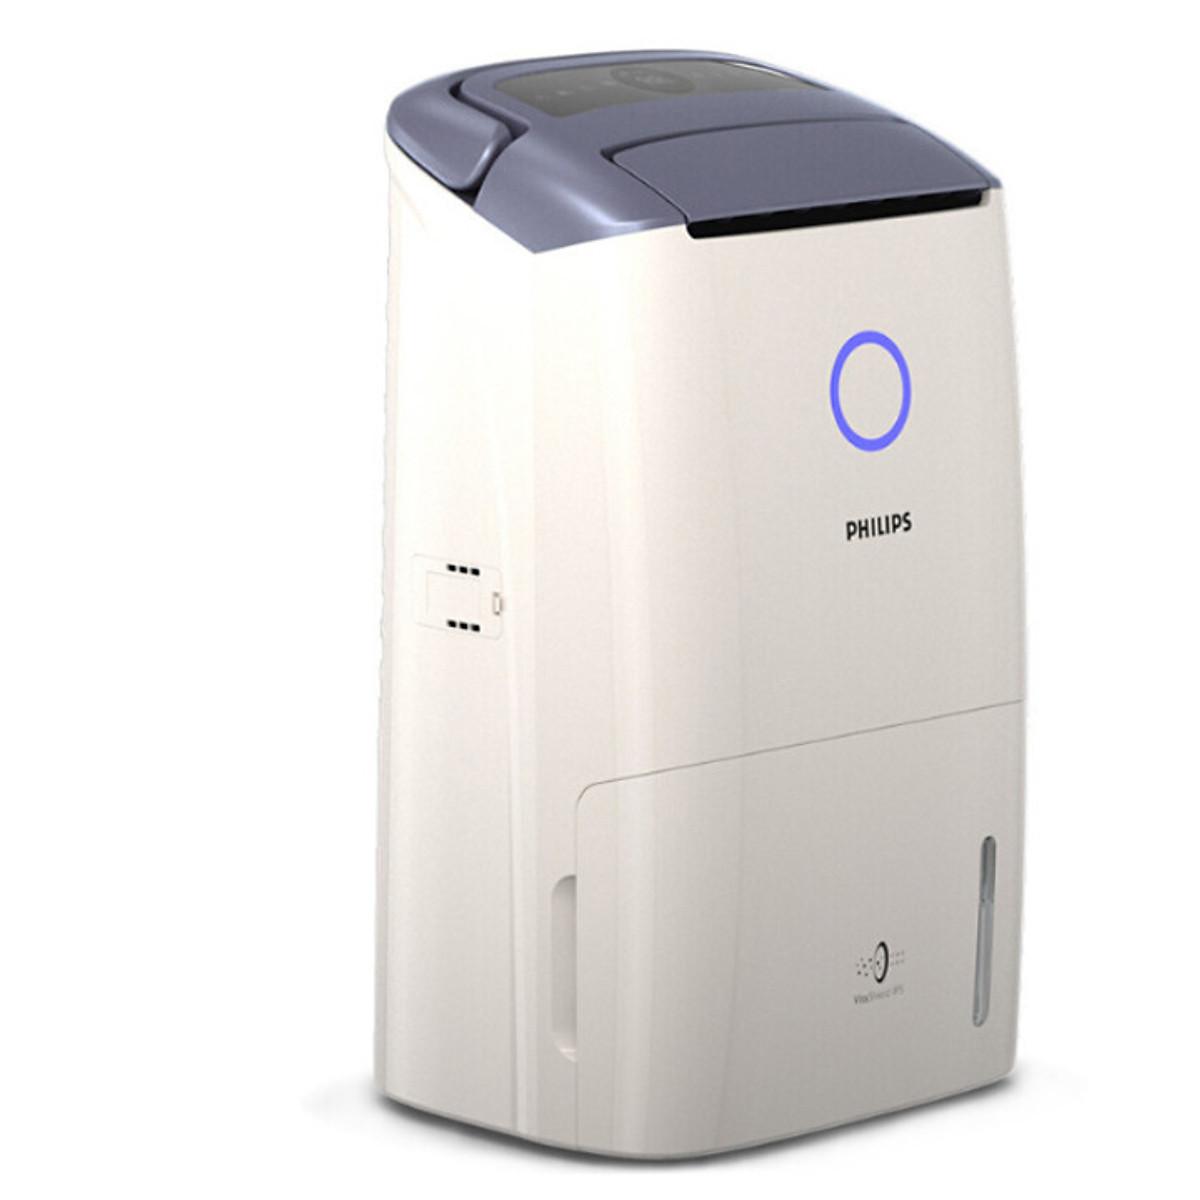 Máy lọc không khí kiêm hút ẩm Philips DE5206/00 355W-Cảm biến không khí 4  màu chính hãng